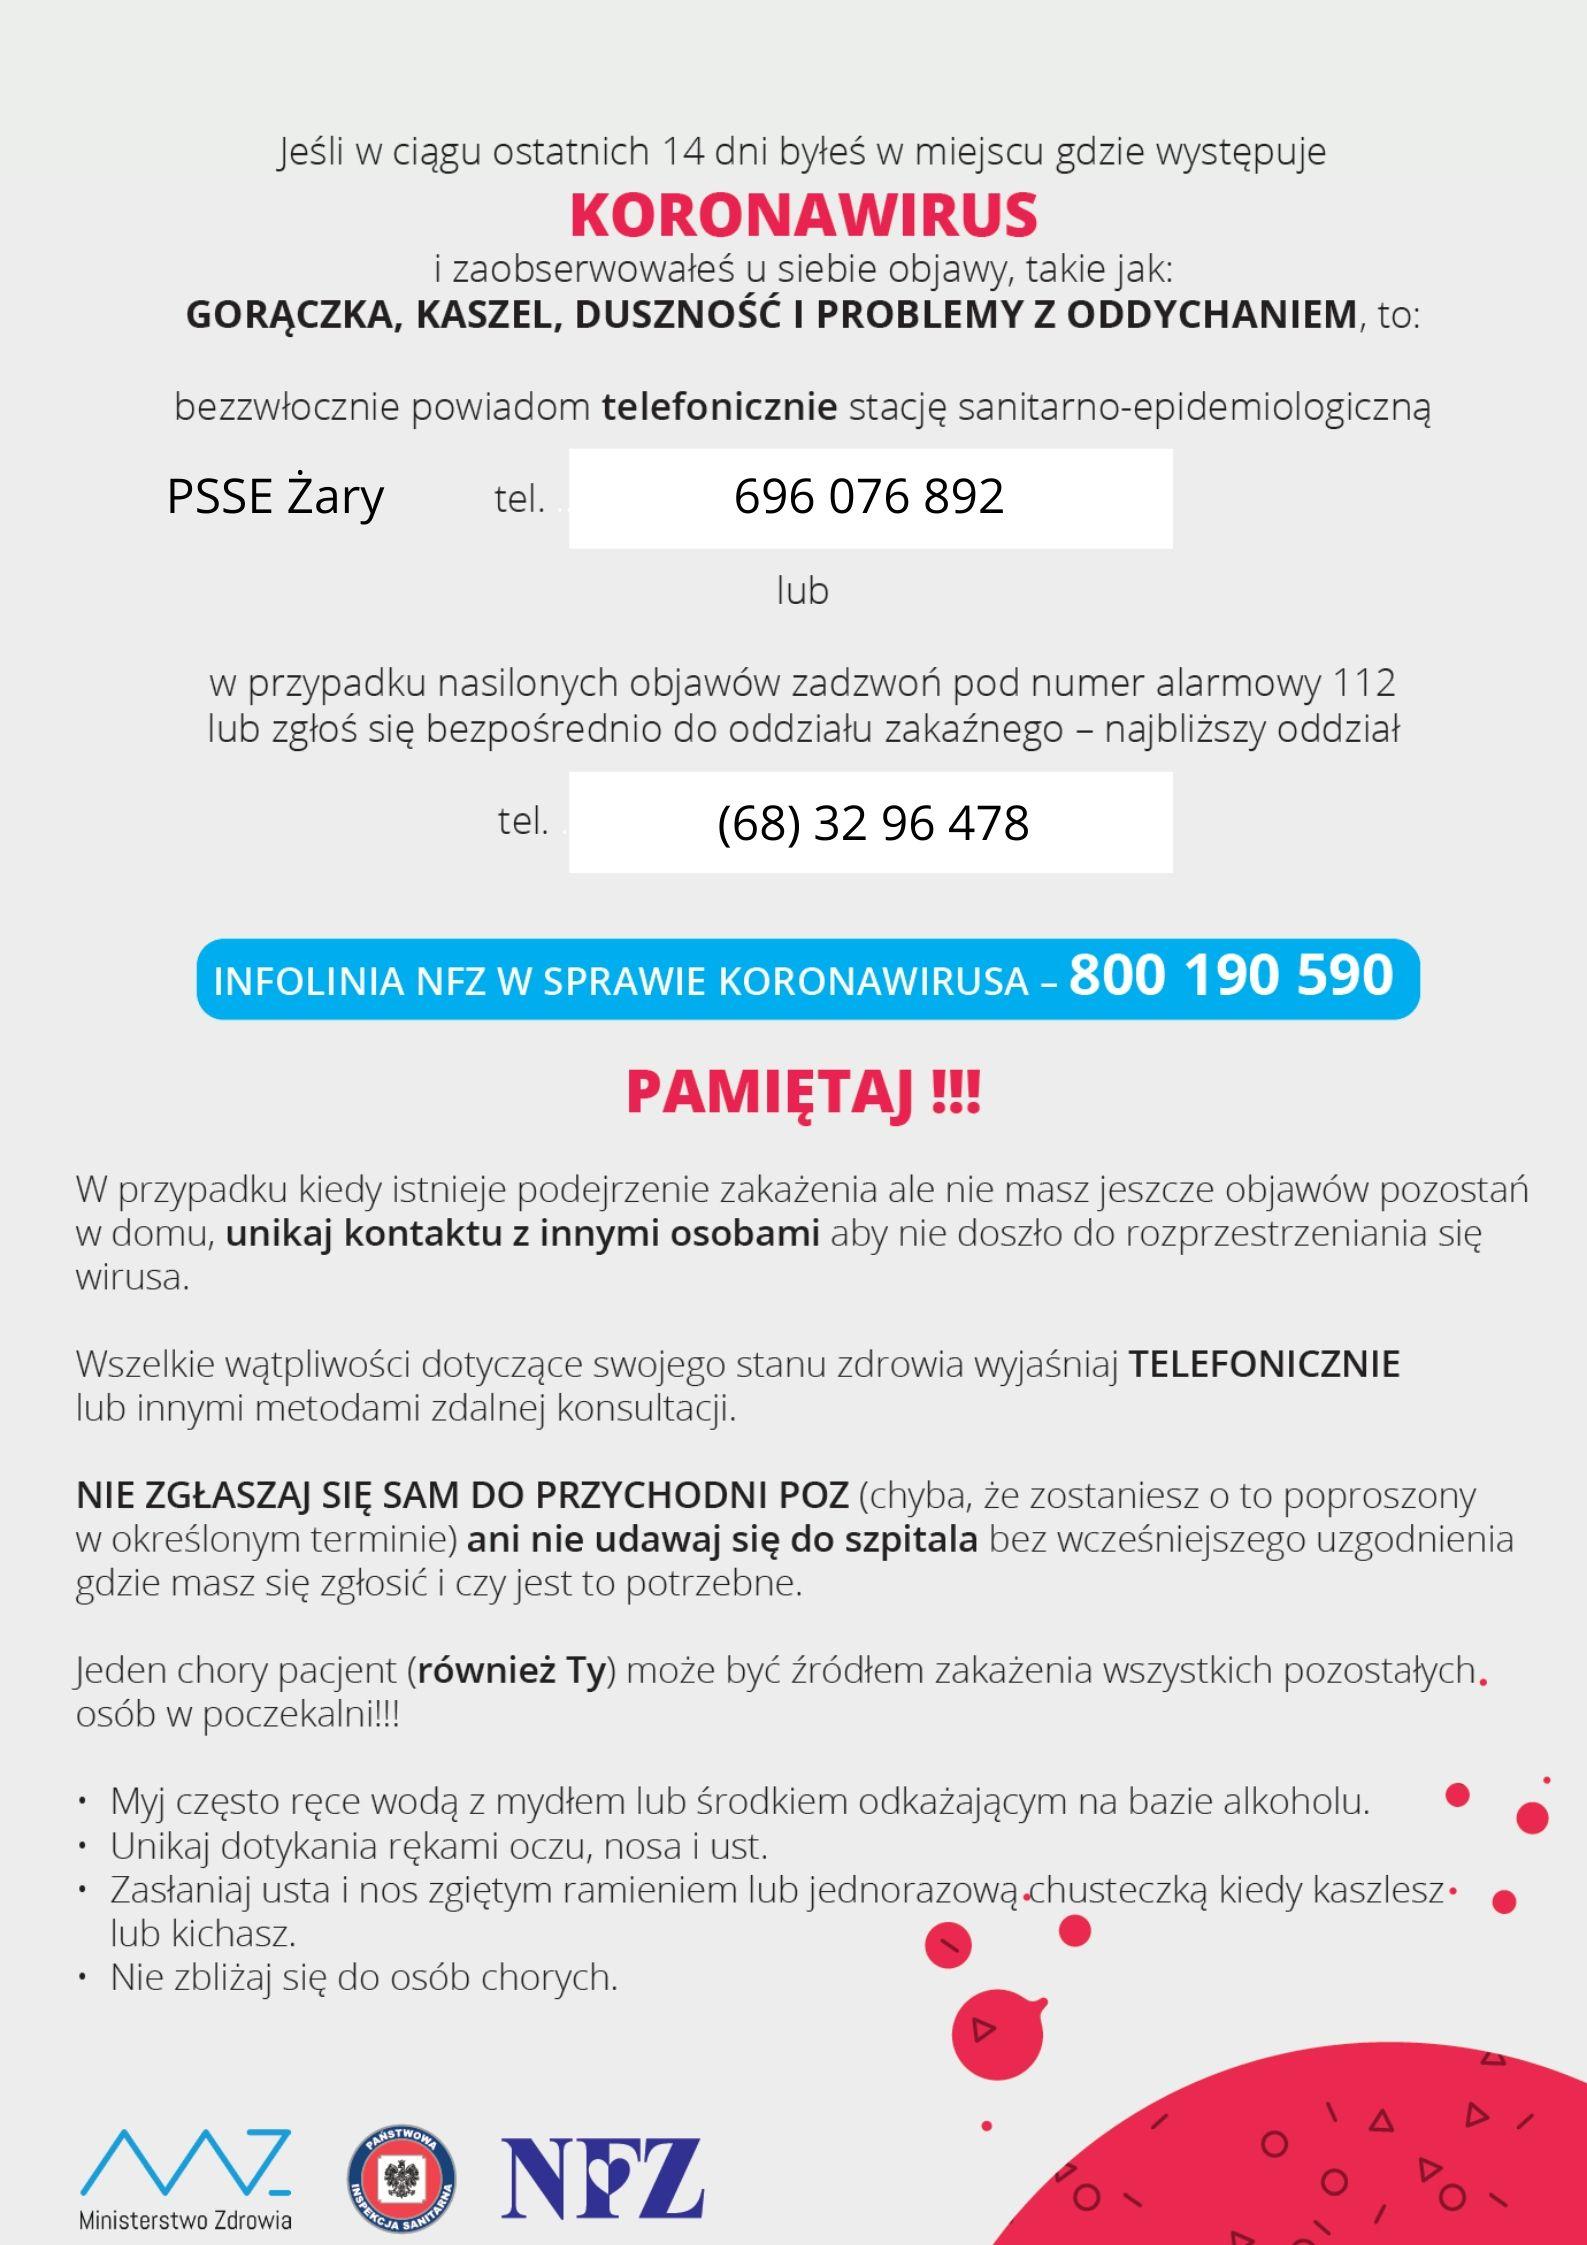 Ilustracja do informacji:  Koronawirus - plakat informacyjny